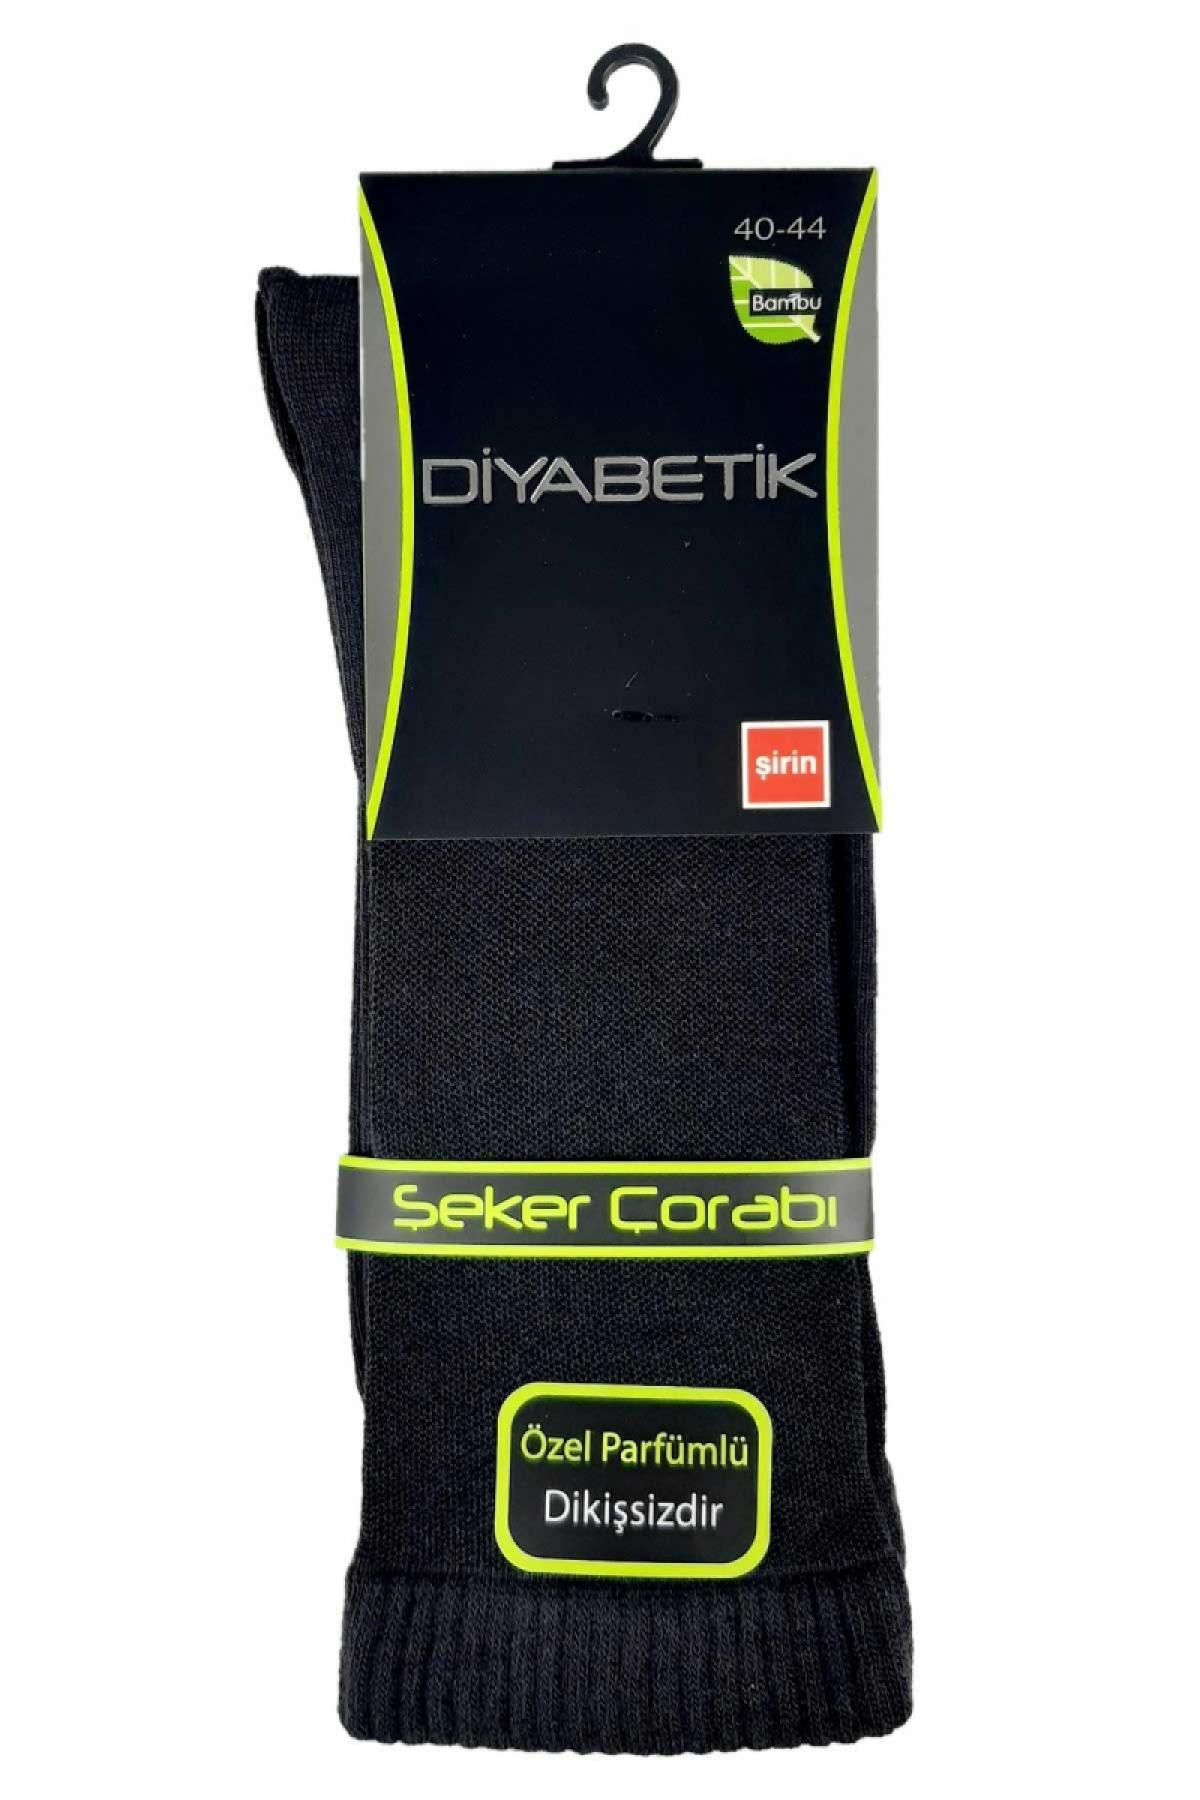 Şirin Erkek Diyabetik Çorap Düz Dikişsiz Bambu - Thumbnail